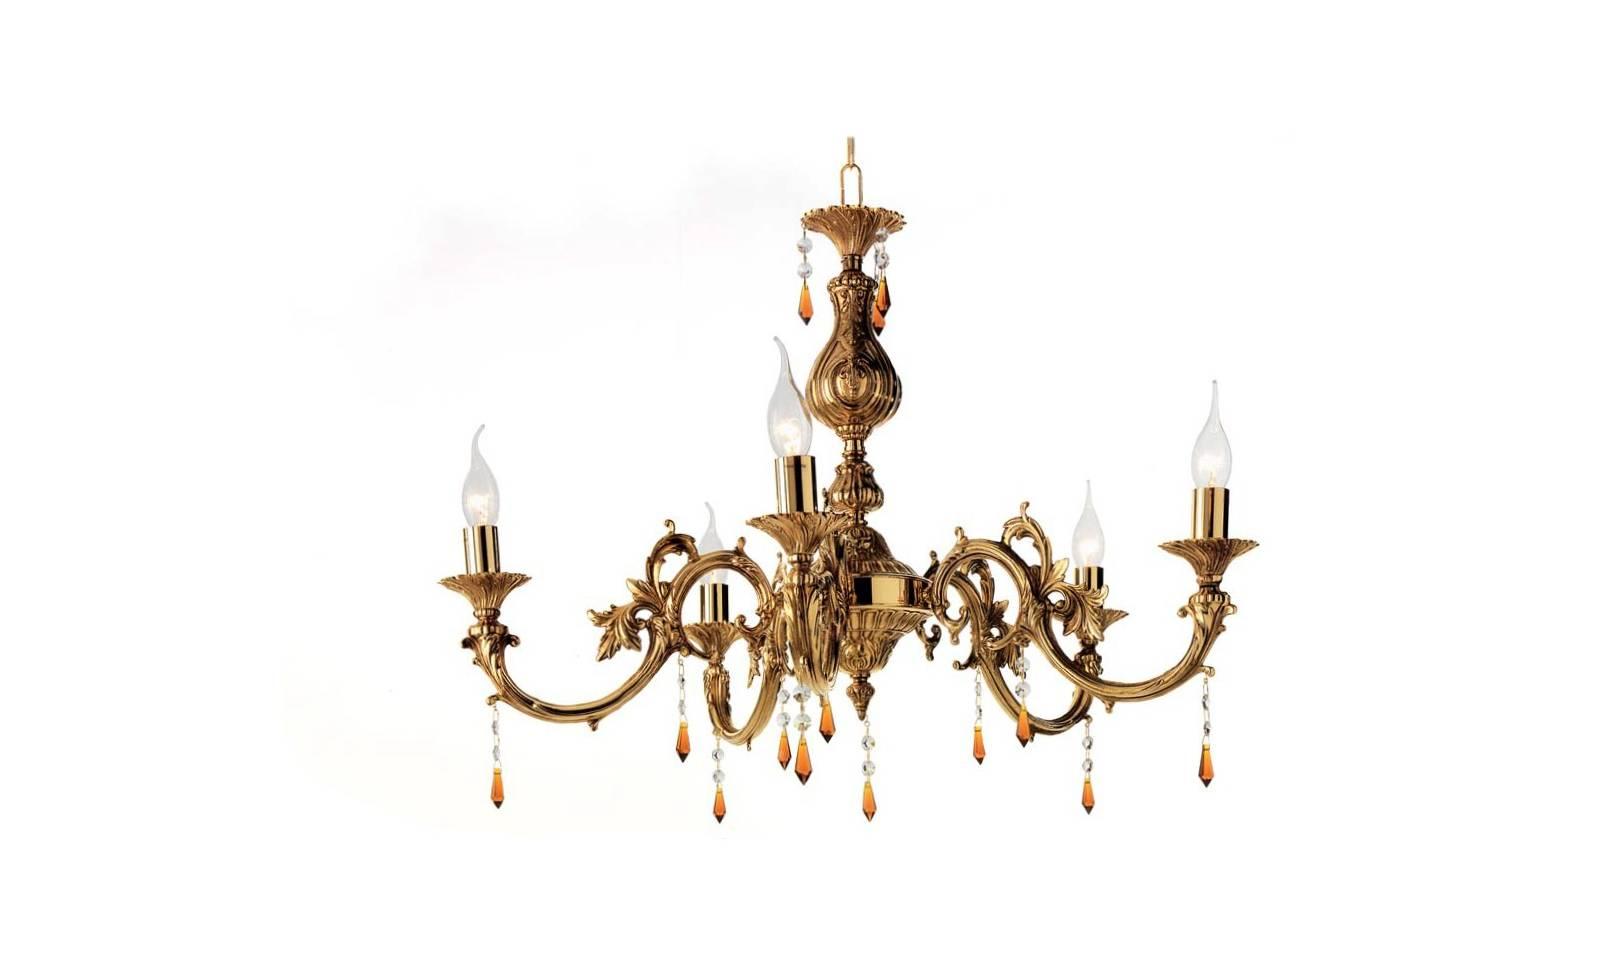 Sospensione luci in ottone con finiture oro francese classico